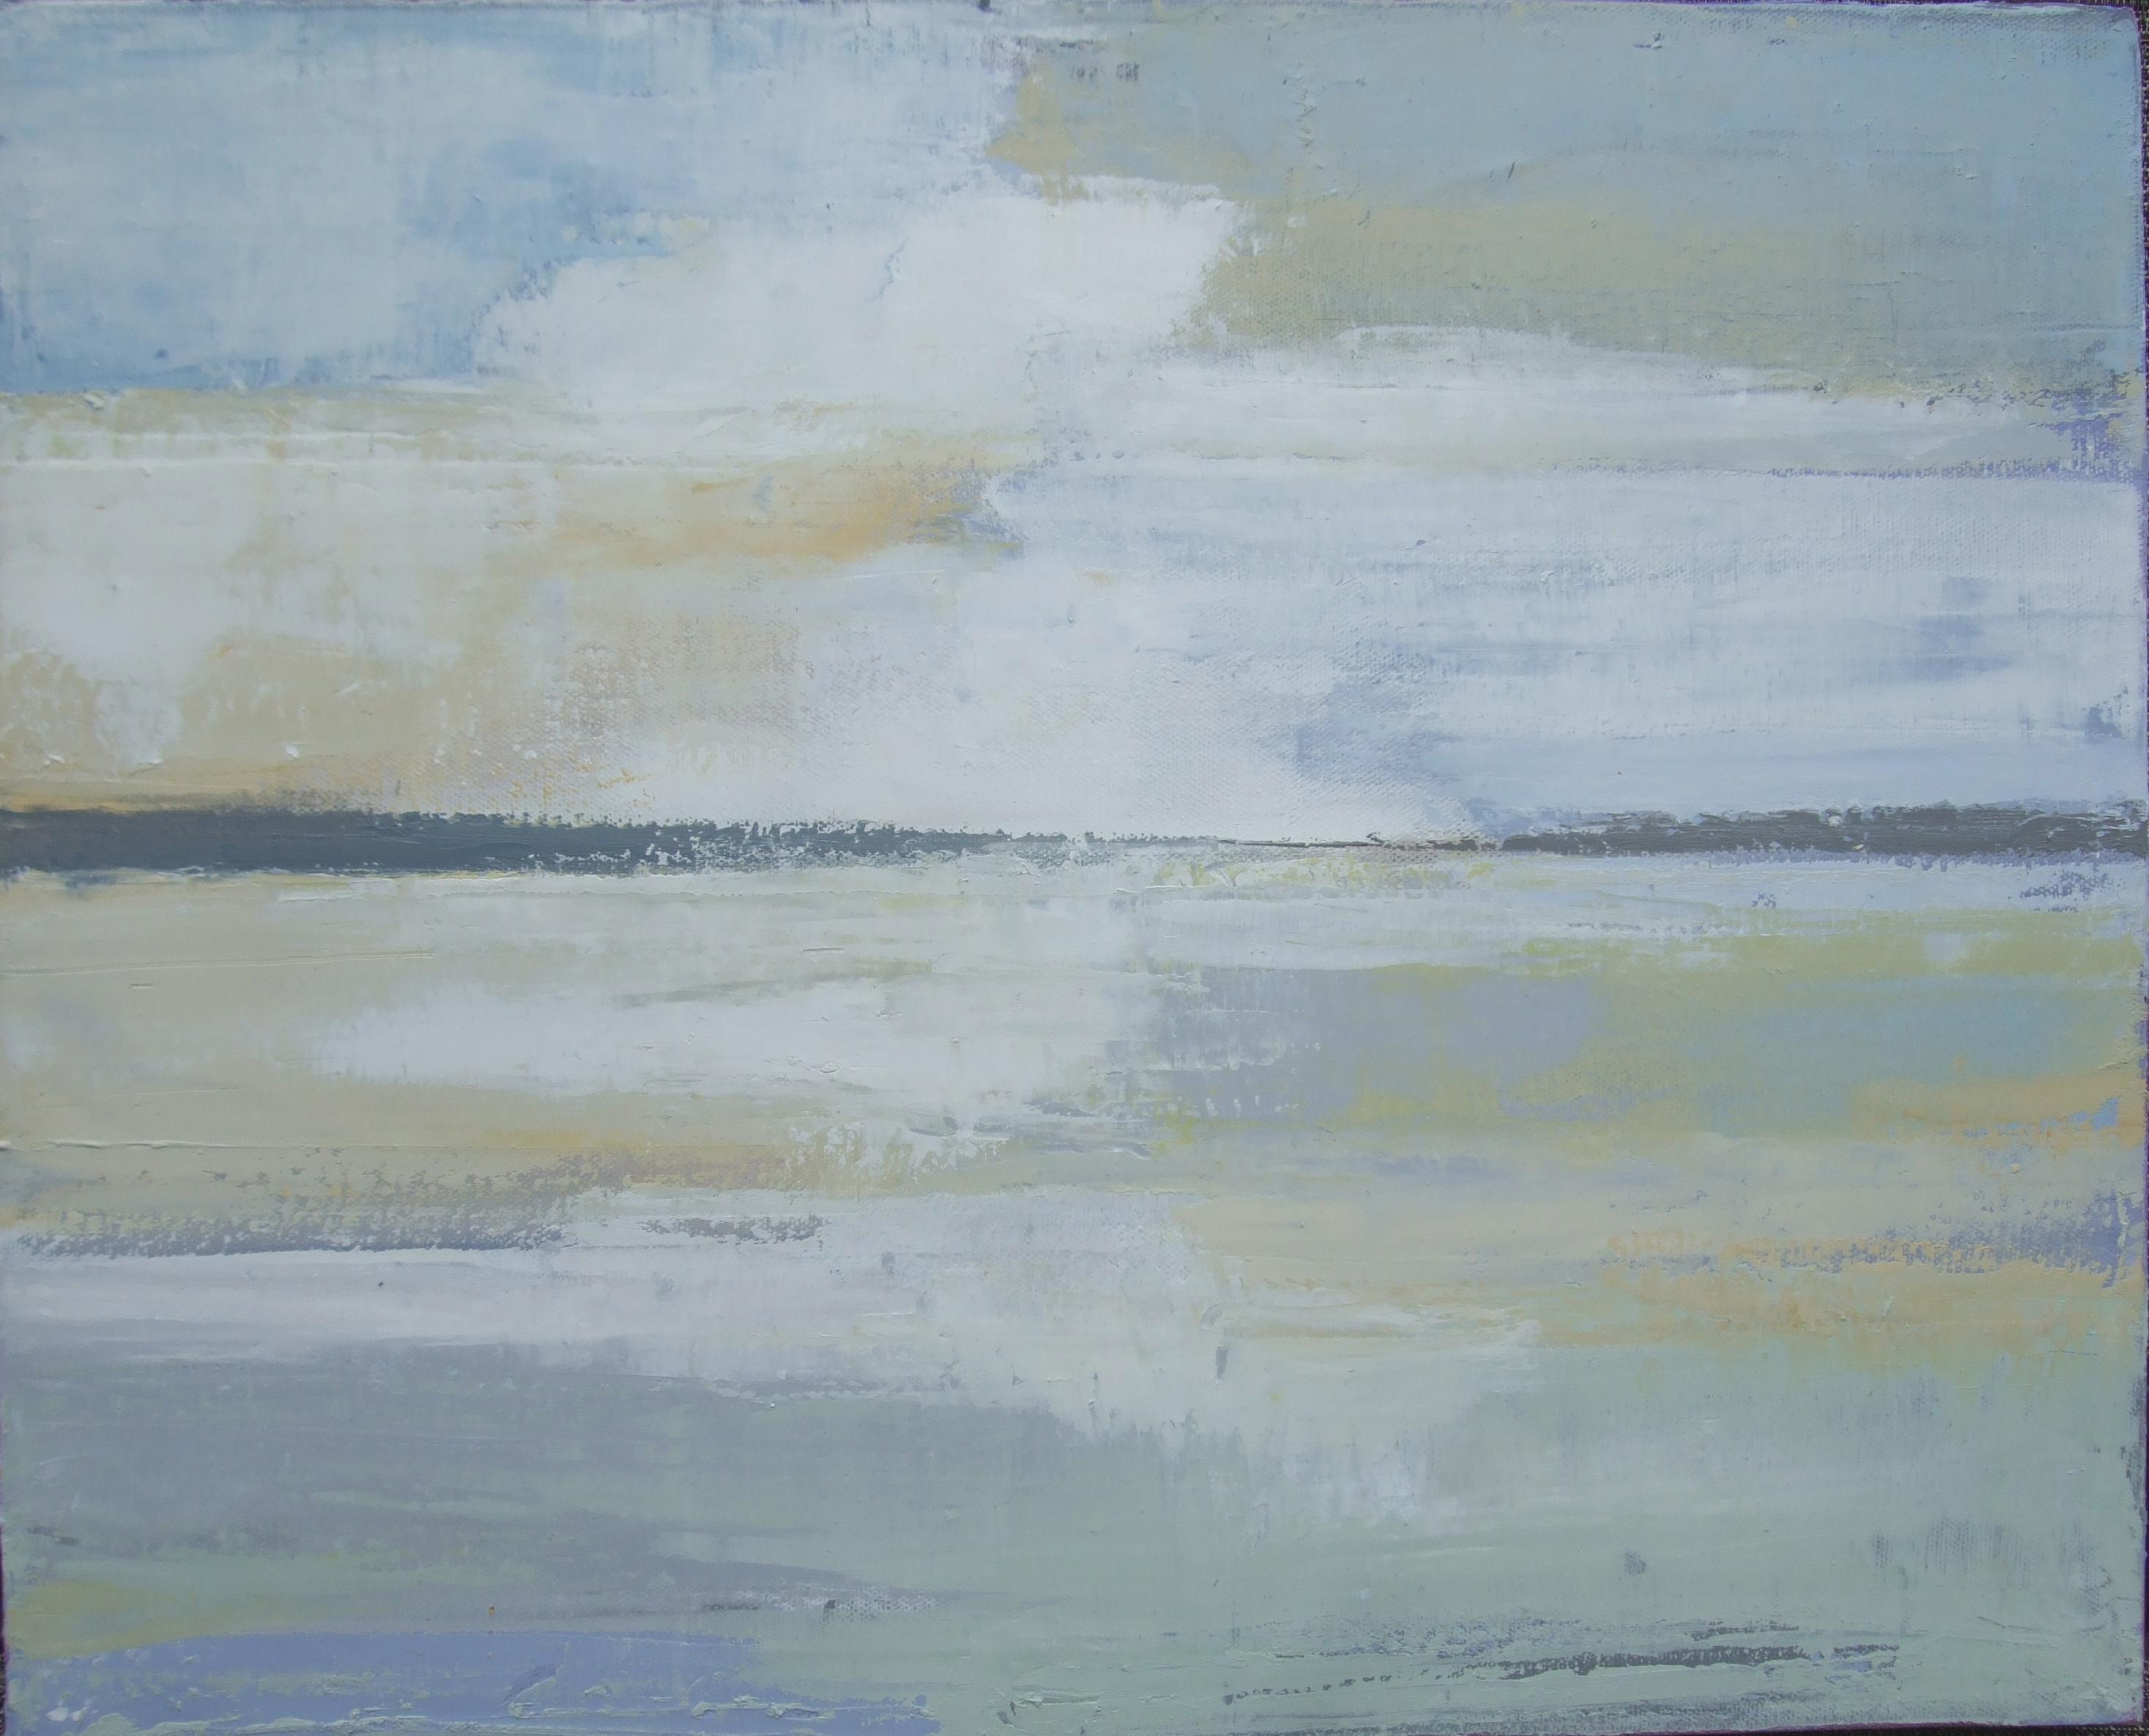 Winter Sea #4